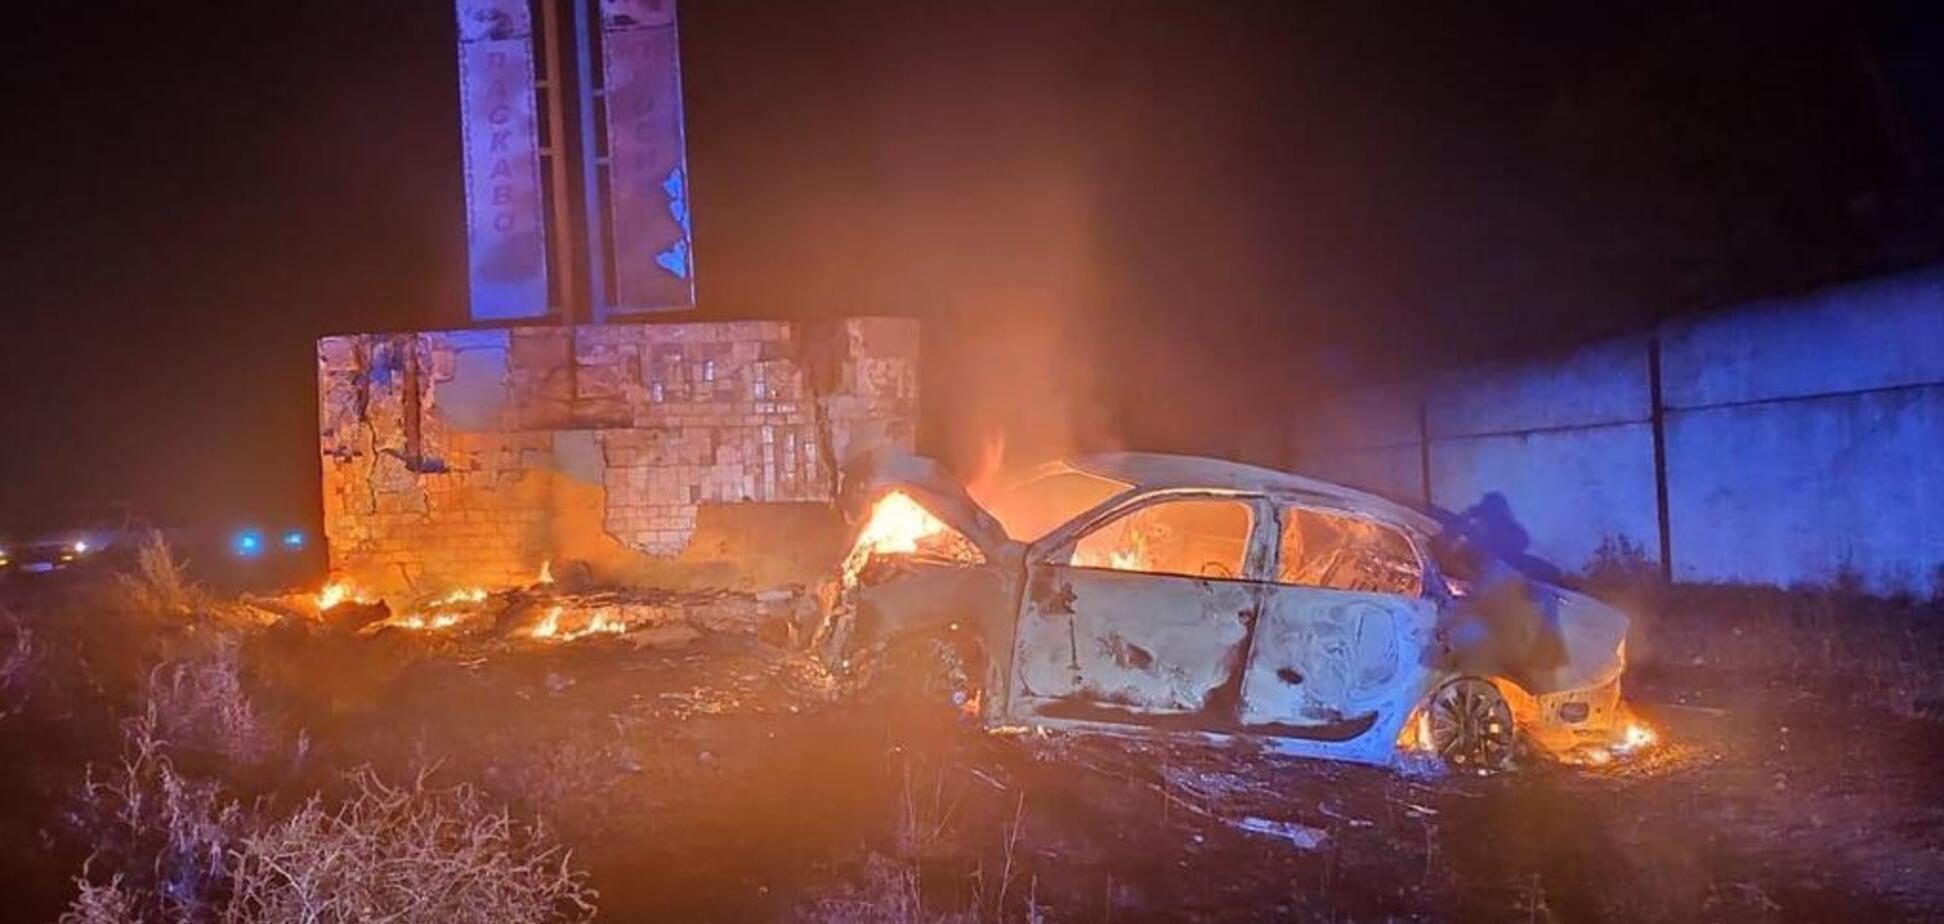 На Одесщине произошло смертельное ДТП из-за тумана. Источник: Полиция Одесской области